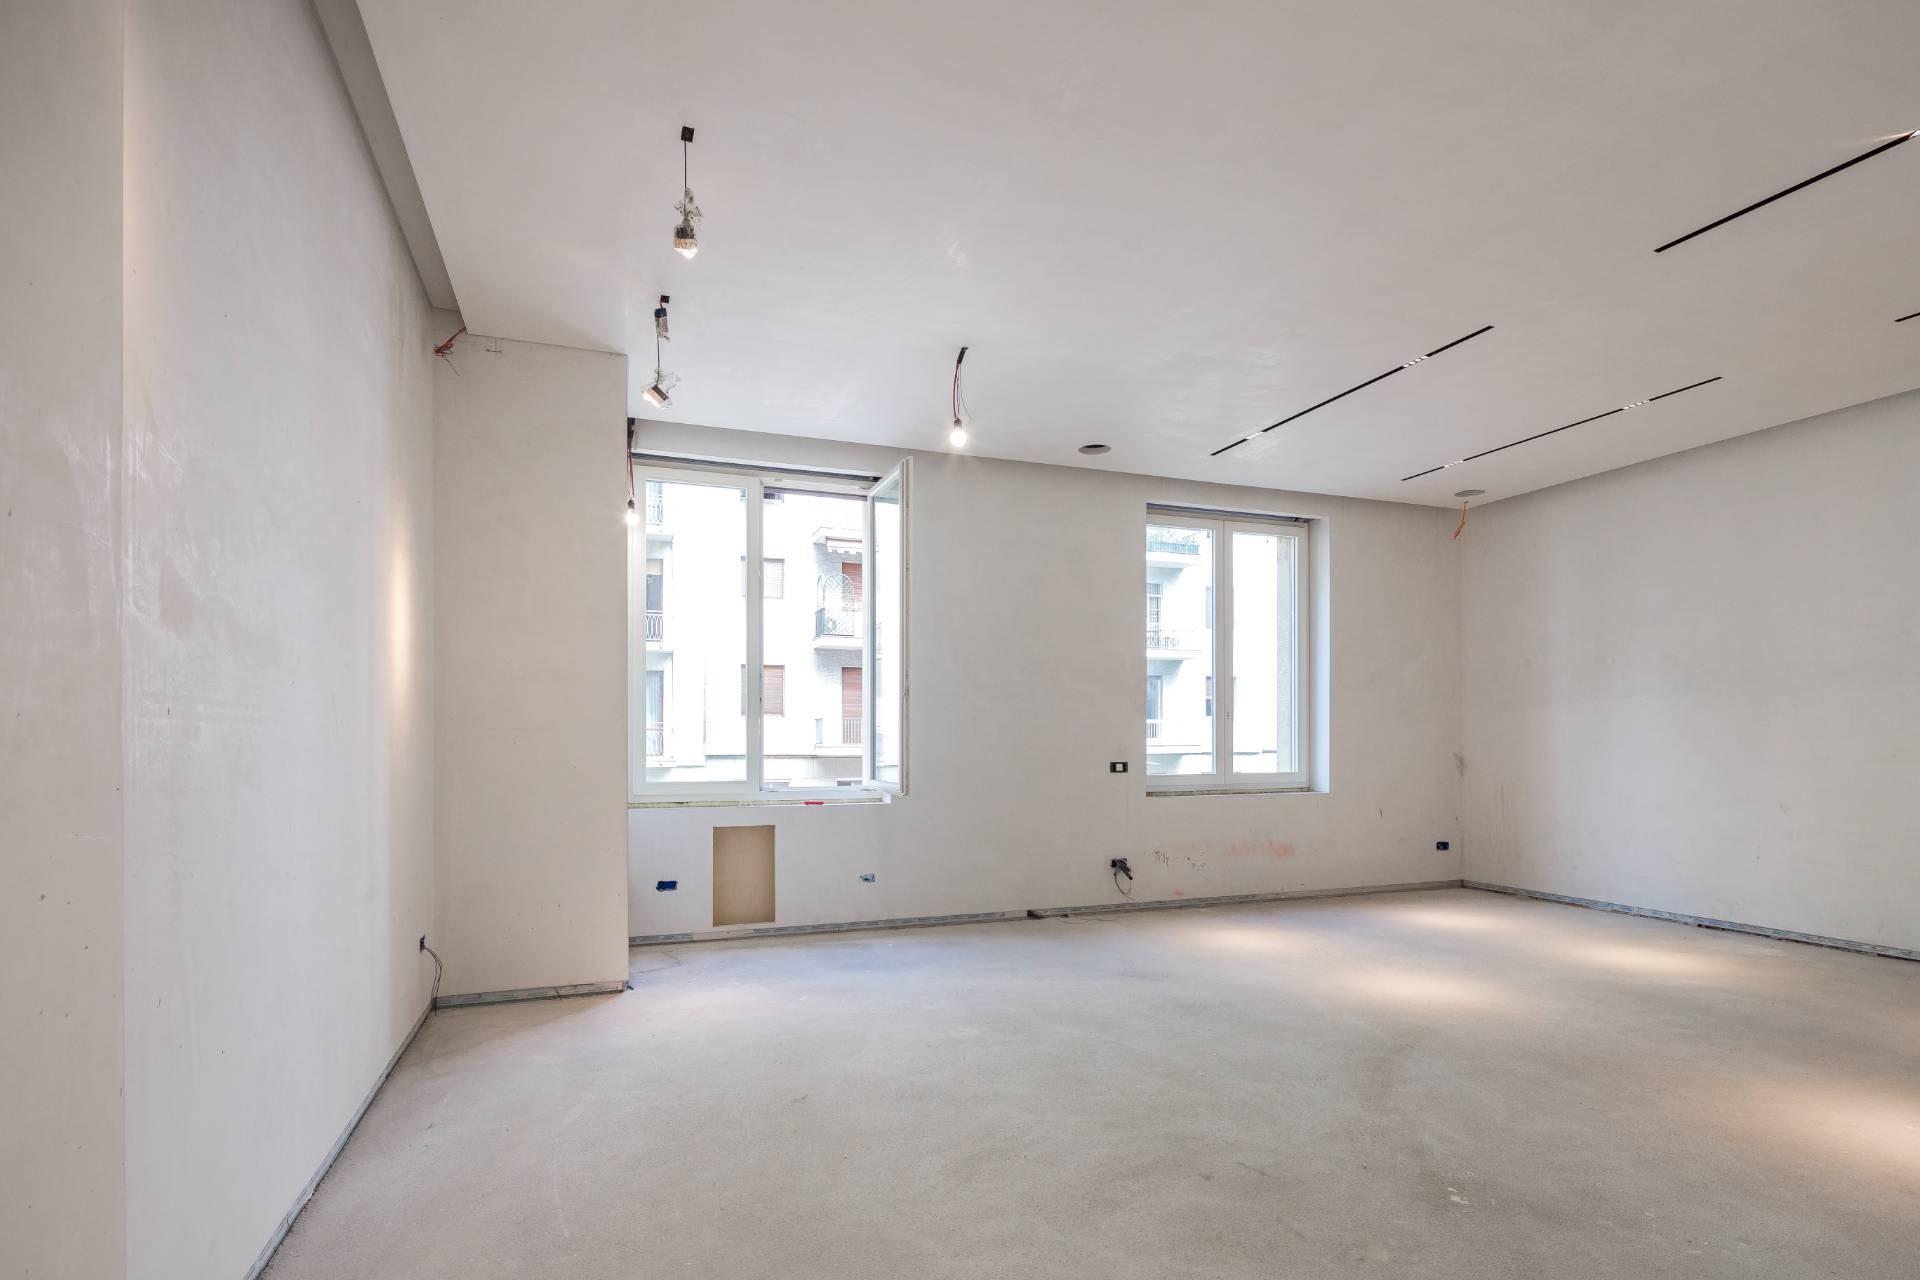 Appartamento signorile in Via Mascagni - 7